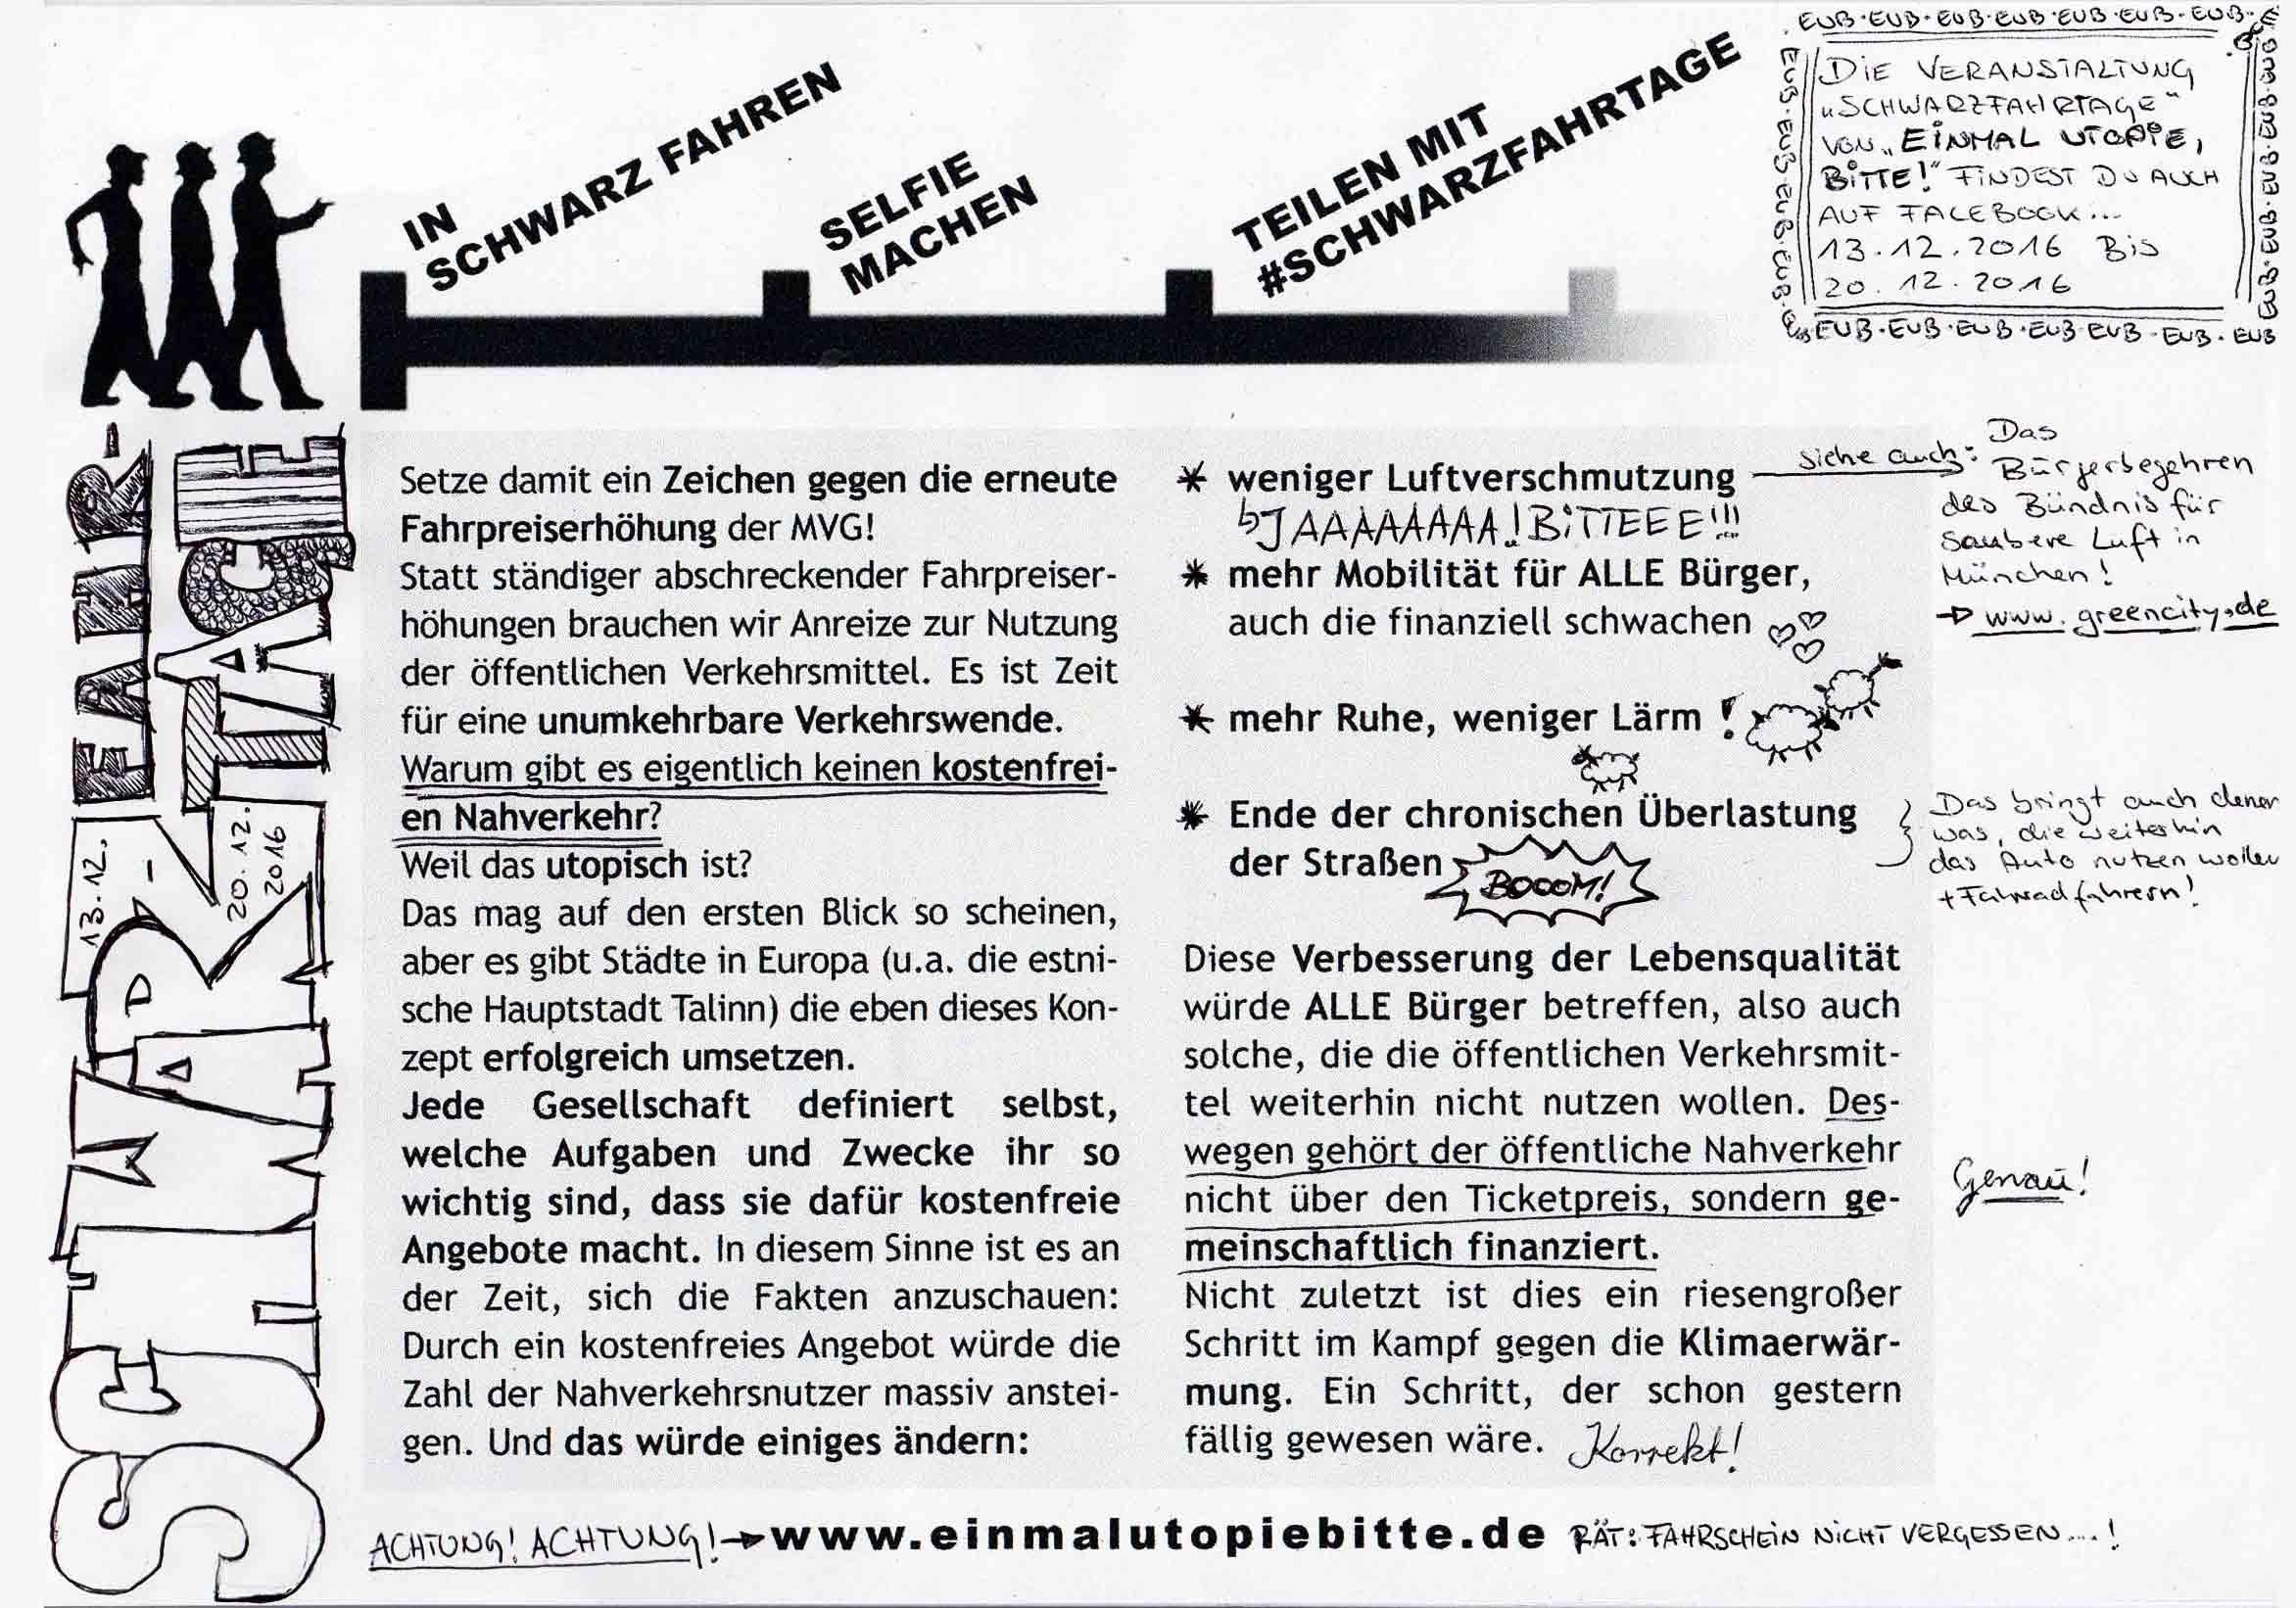 schwarzfahrtag-handzettel-vorschaubild